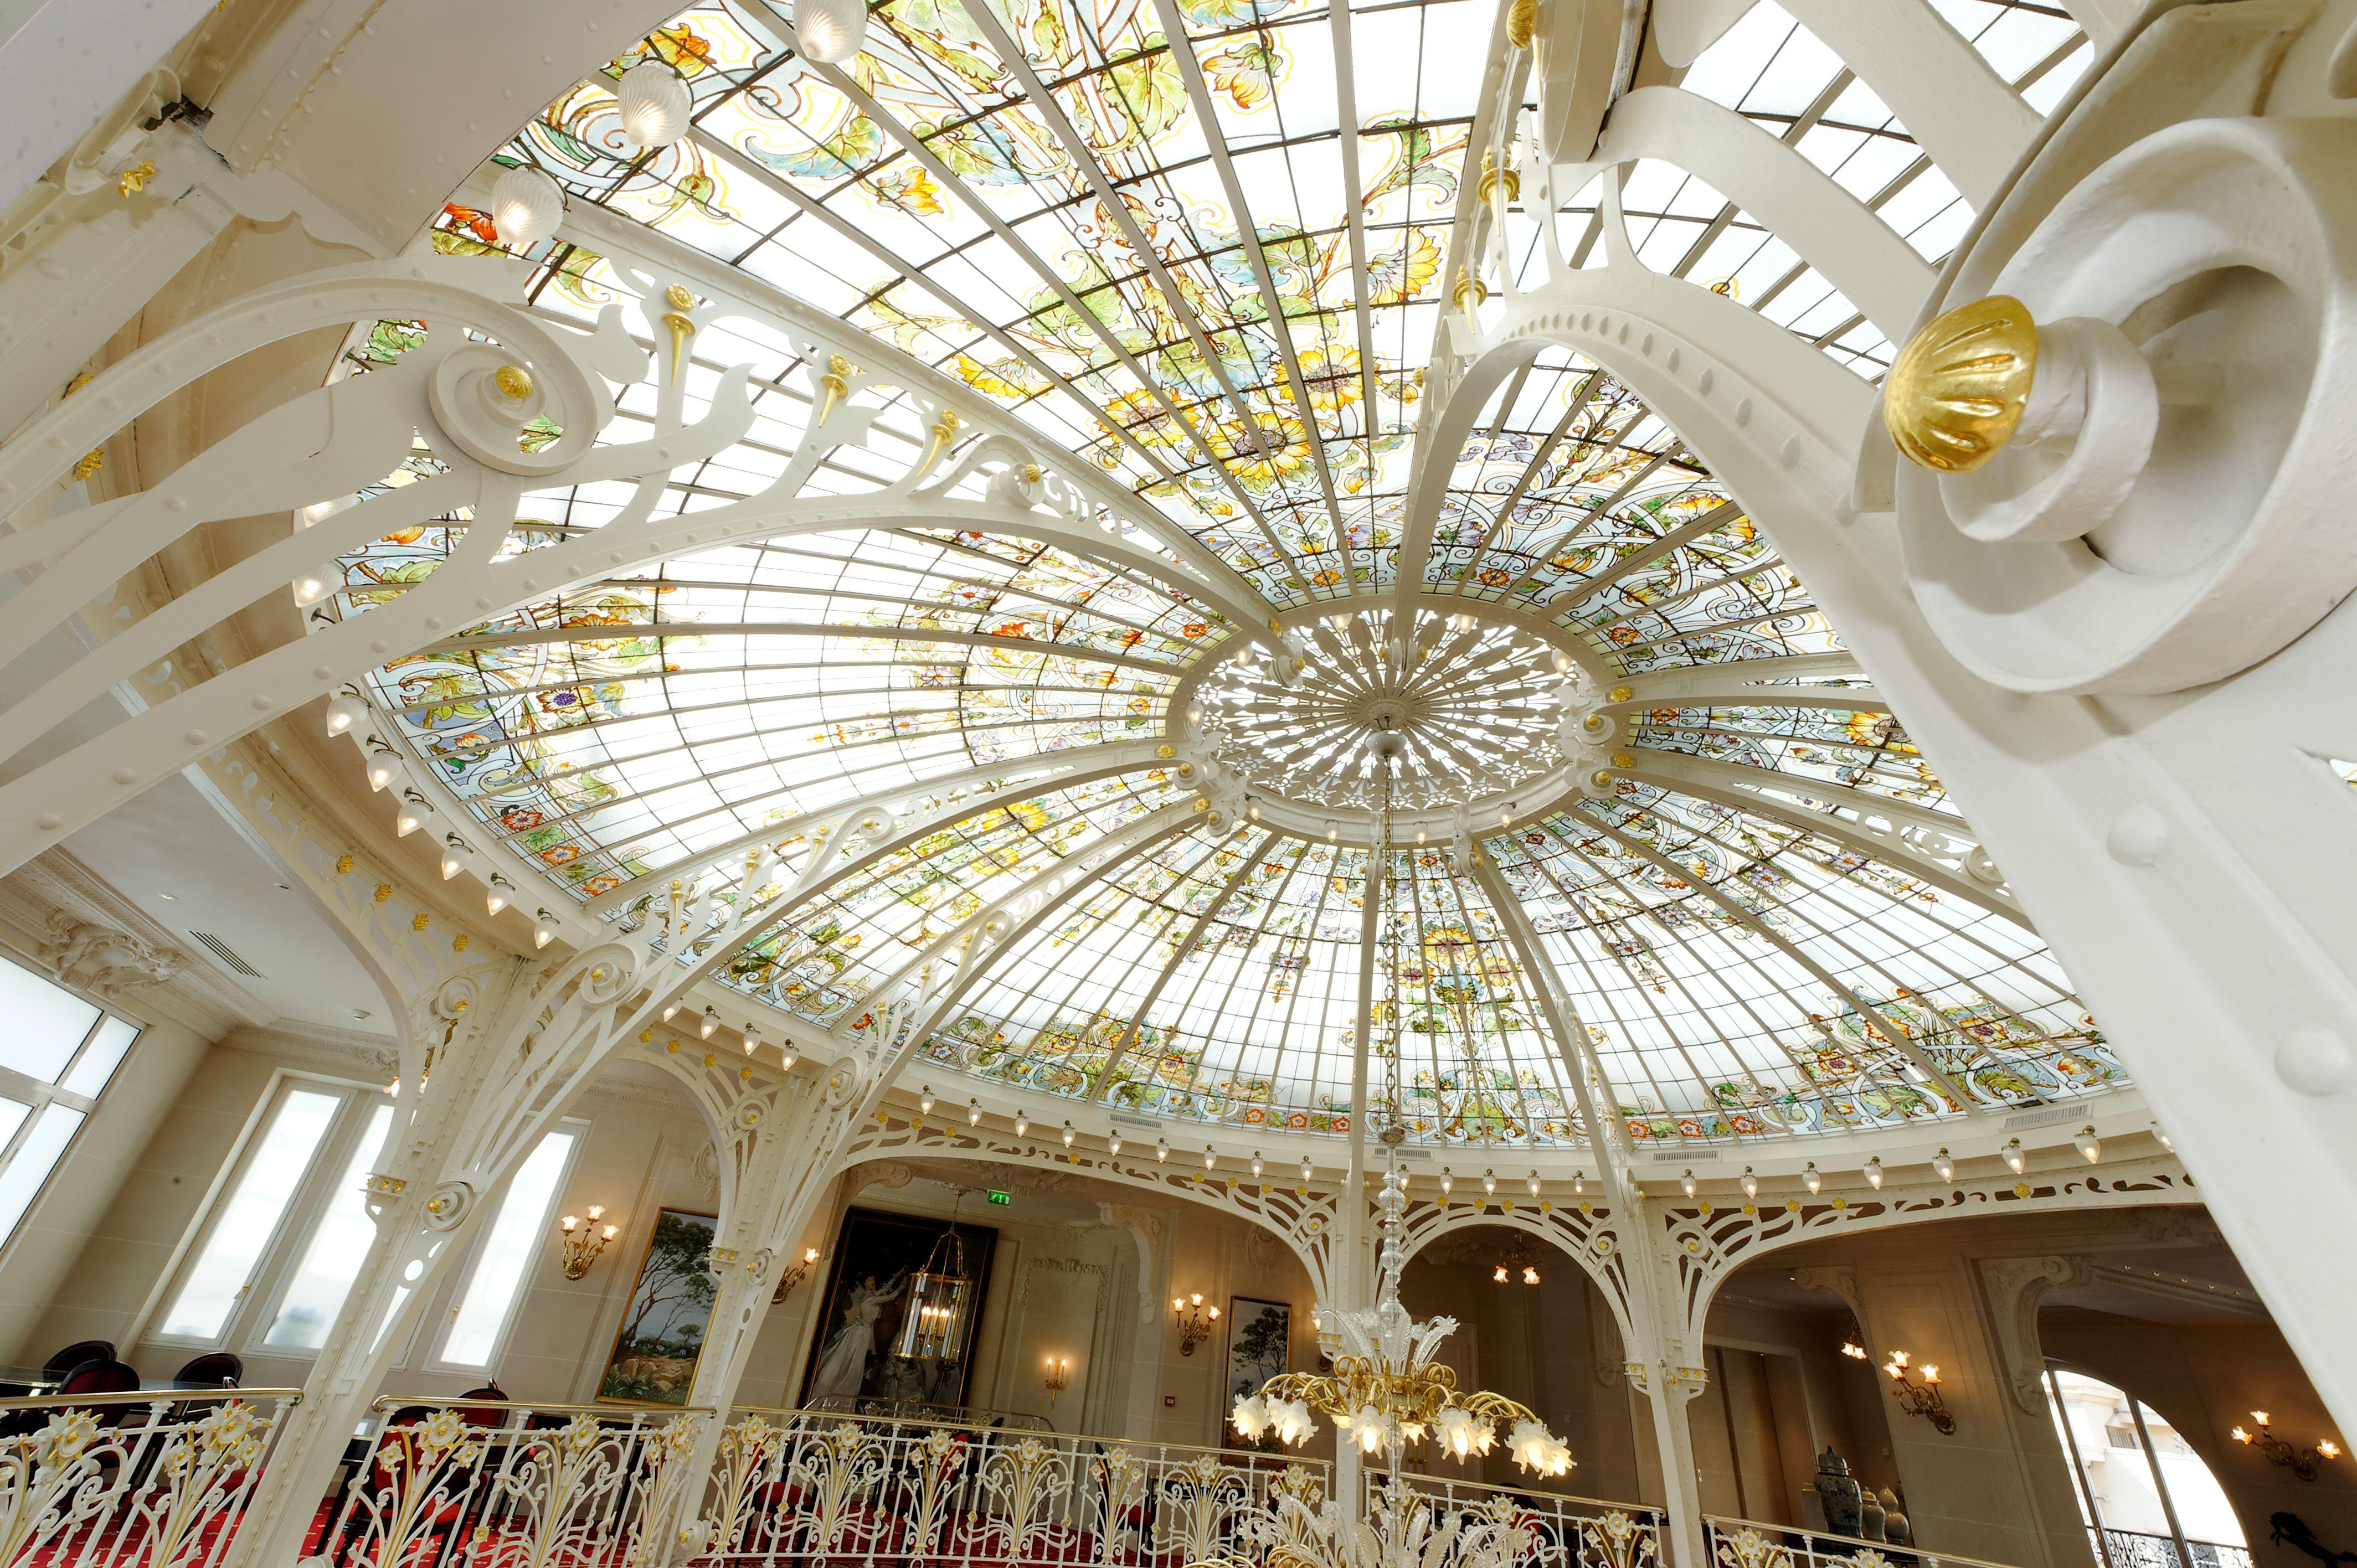 gustave eiffel dome in the salle belle epoque winter garden